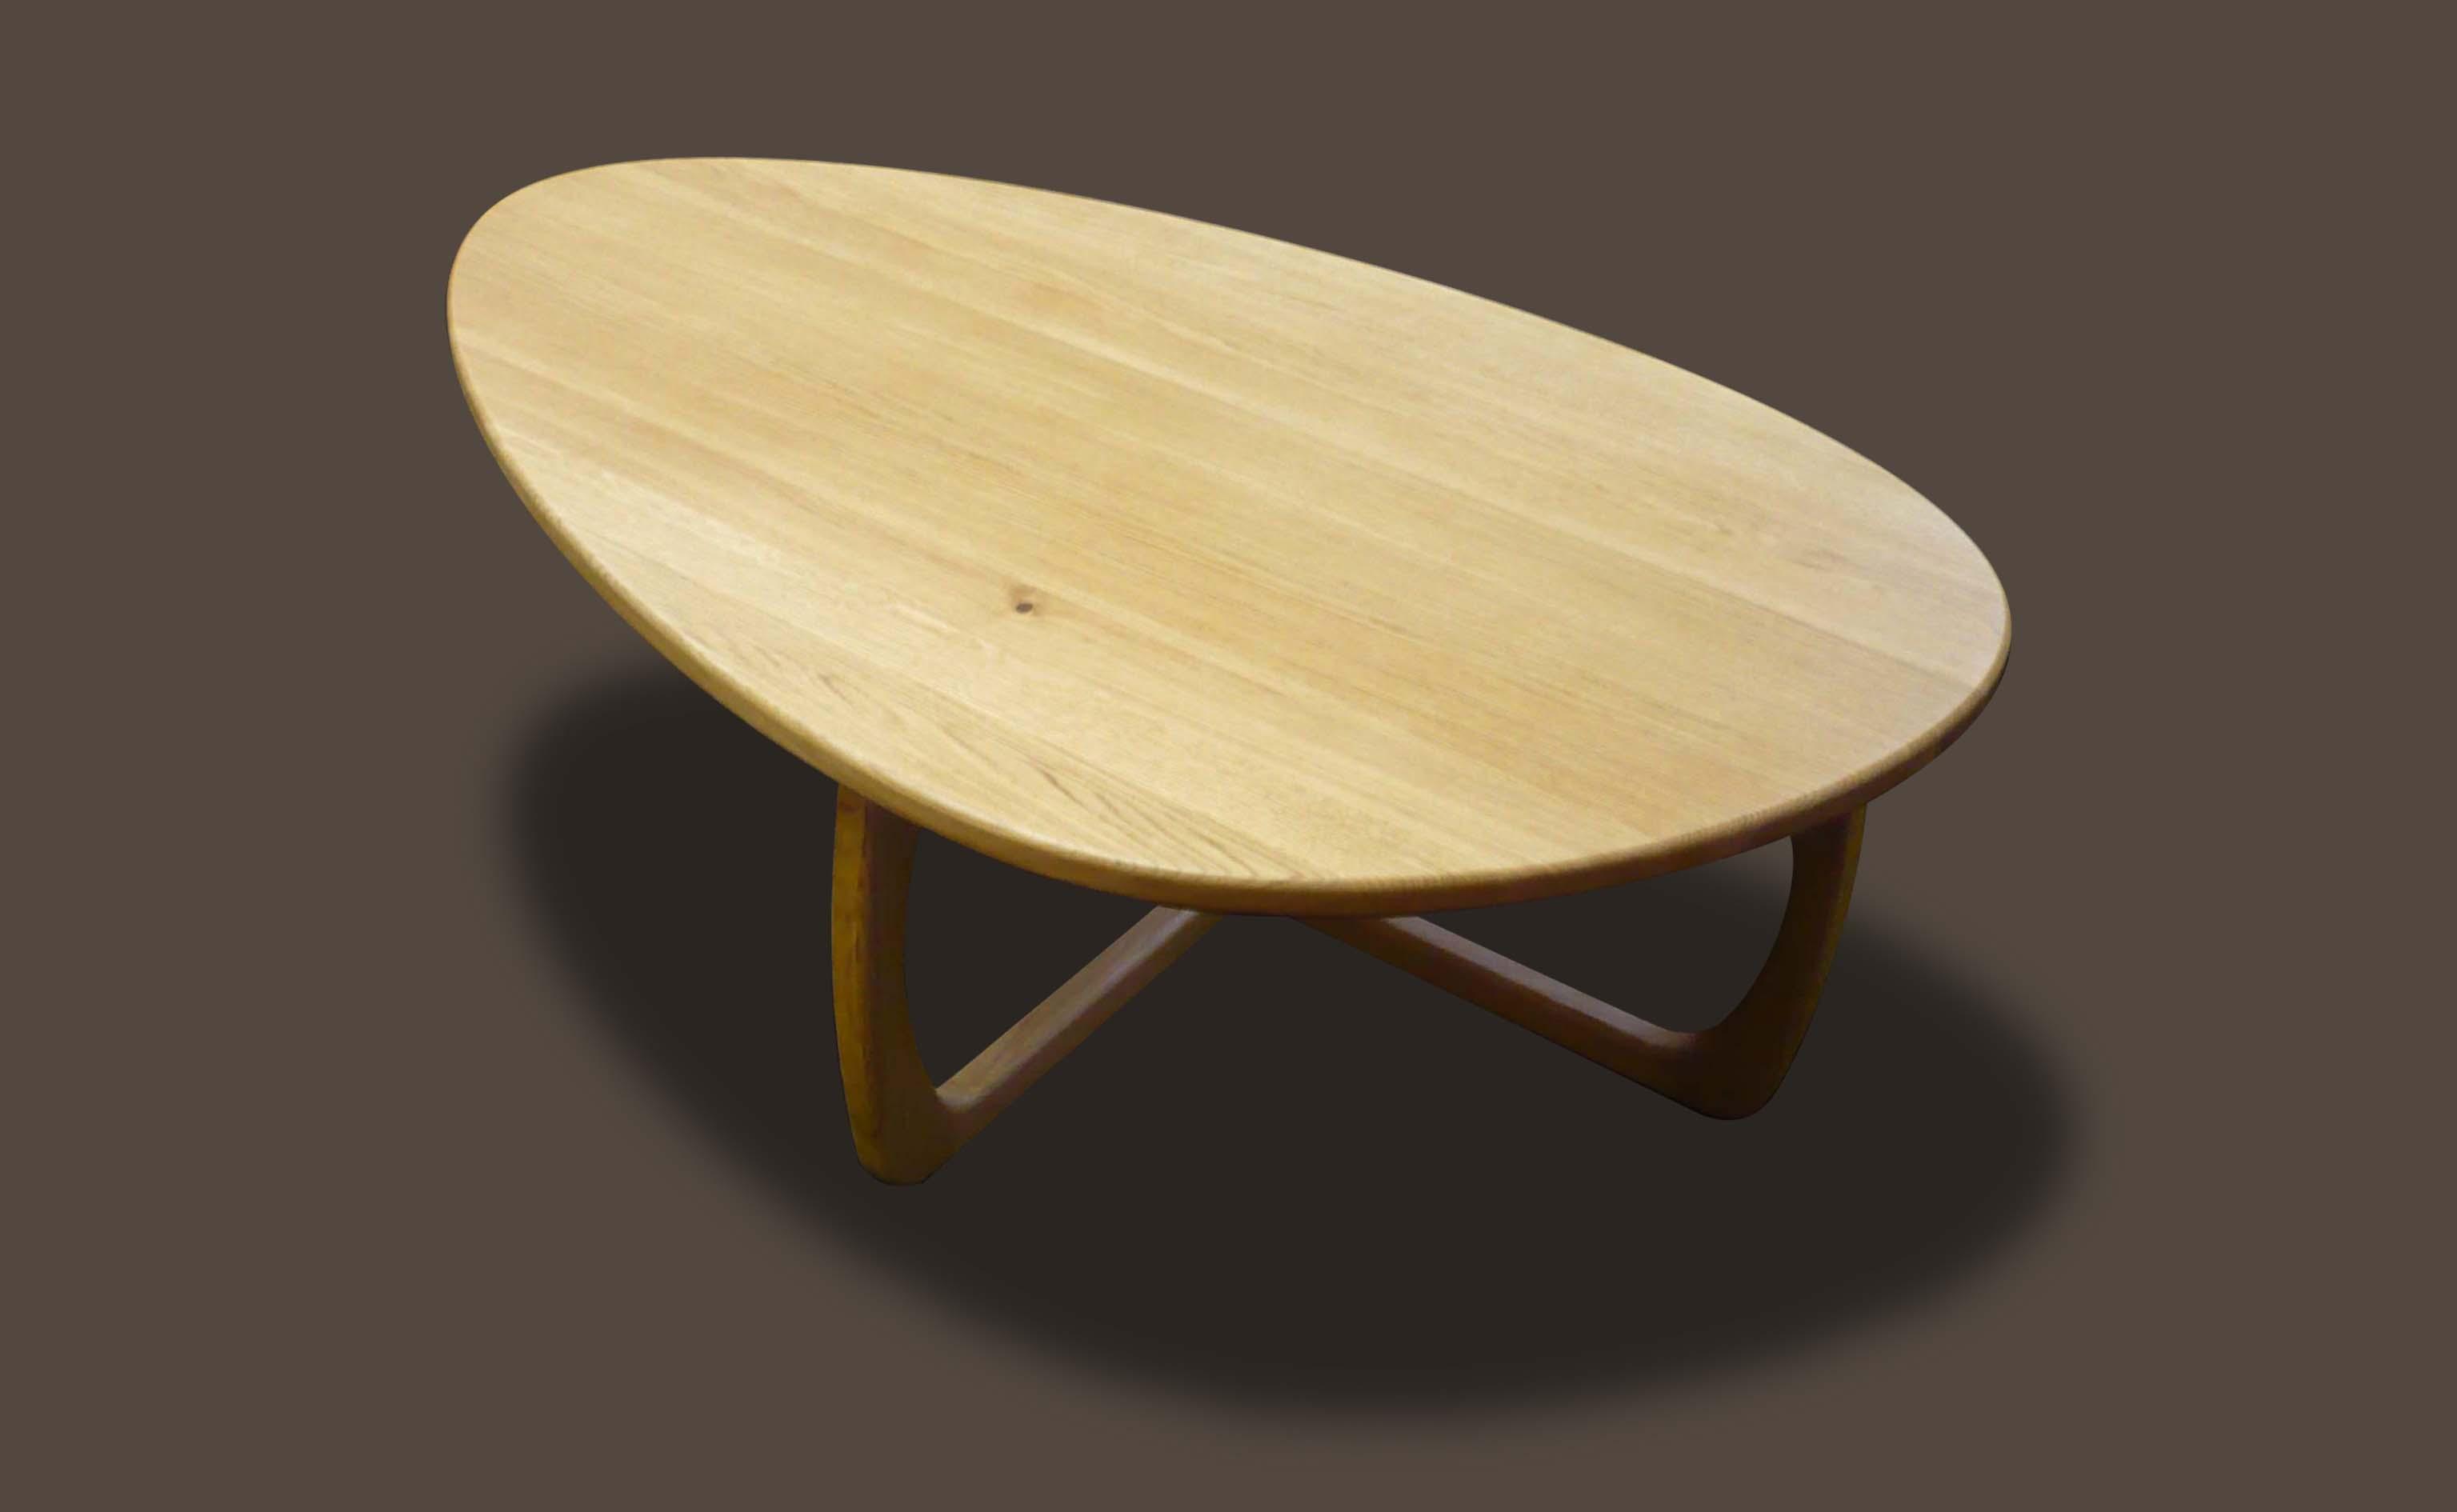 b niste cr ateur fabricant de table basse contemporaine atelier helbecque 94 ile de france paris. Black Bedroom Furniture Sets. Home Design Ideas